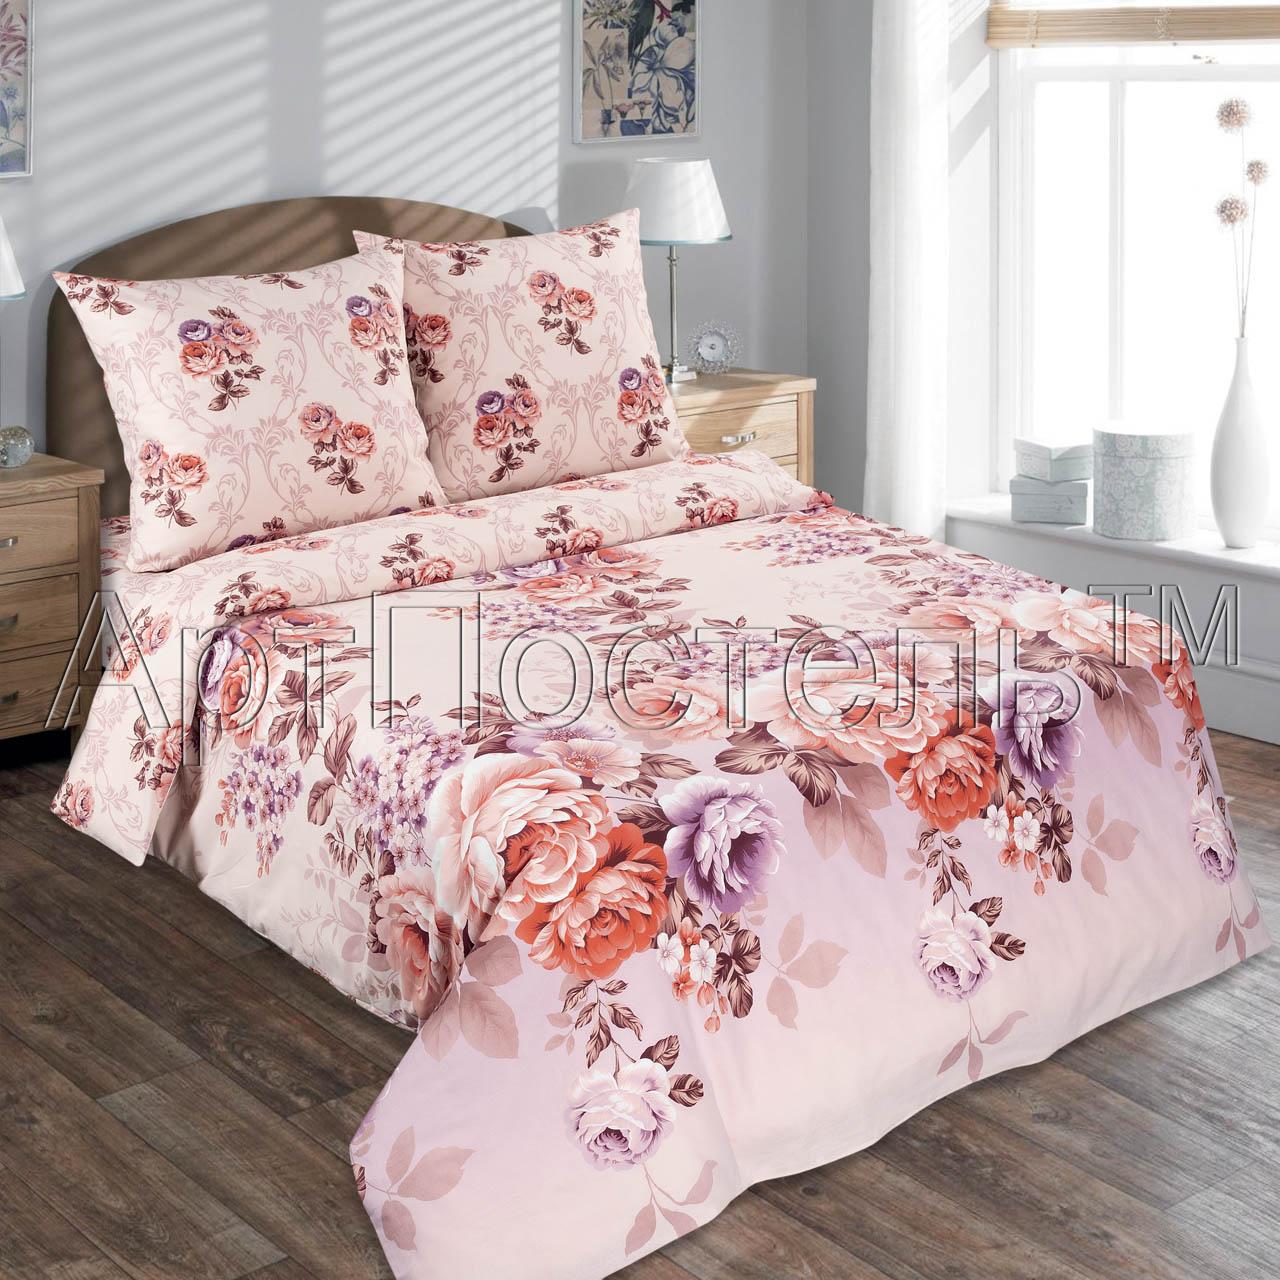 Комплект Карамельная роза, размер 2,0-спальный с европростынейПоплин<br>Плотность ткани: 115 г/кв. м <br>Пододеяльник: 217х175 см - 1 шт. <br>Простыня: 220х240 см - 1 шт. <br>Наволочка: 70х70 см - 2 шт.<br><br>Тип: КПБ<br>Размер: 2,0-сп. евро<br>Материал: Поплин